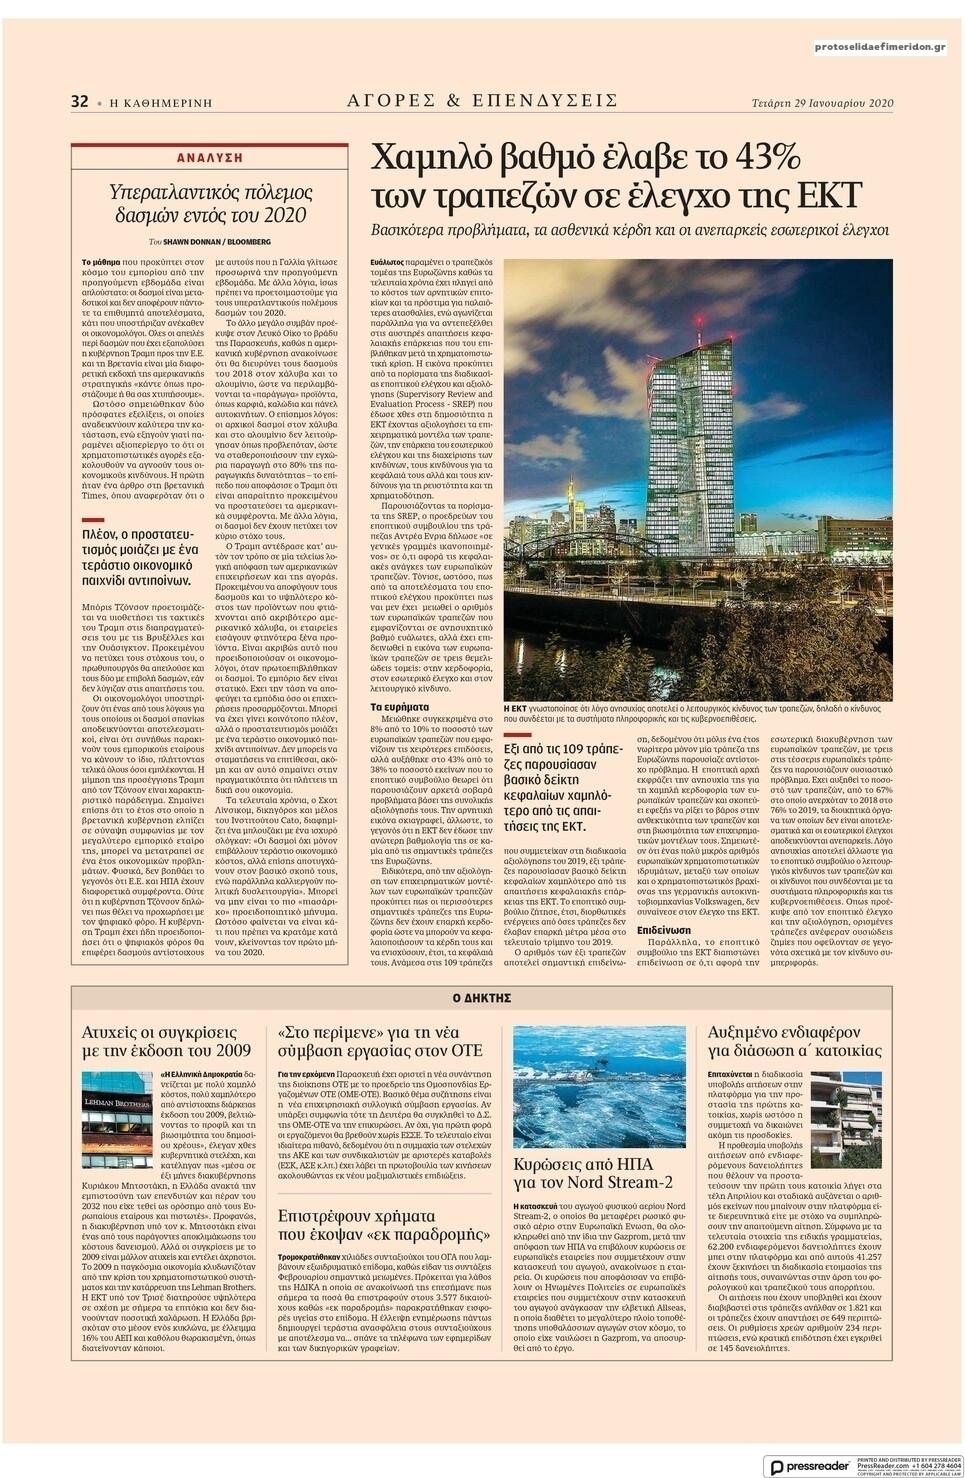 Οπισθόφυλλο εφημερίδας Καθημερινή